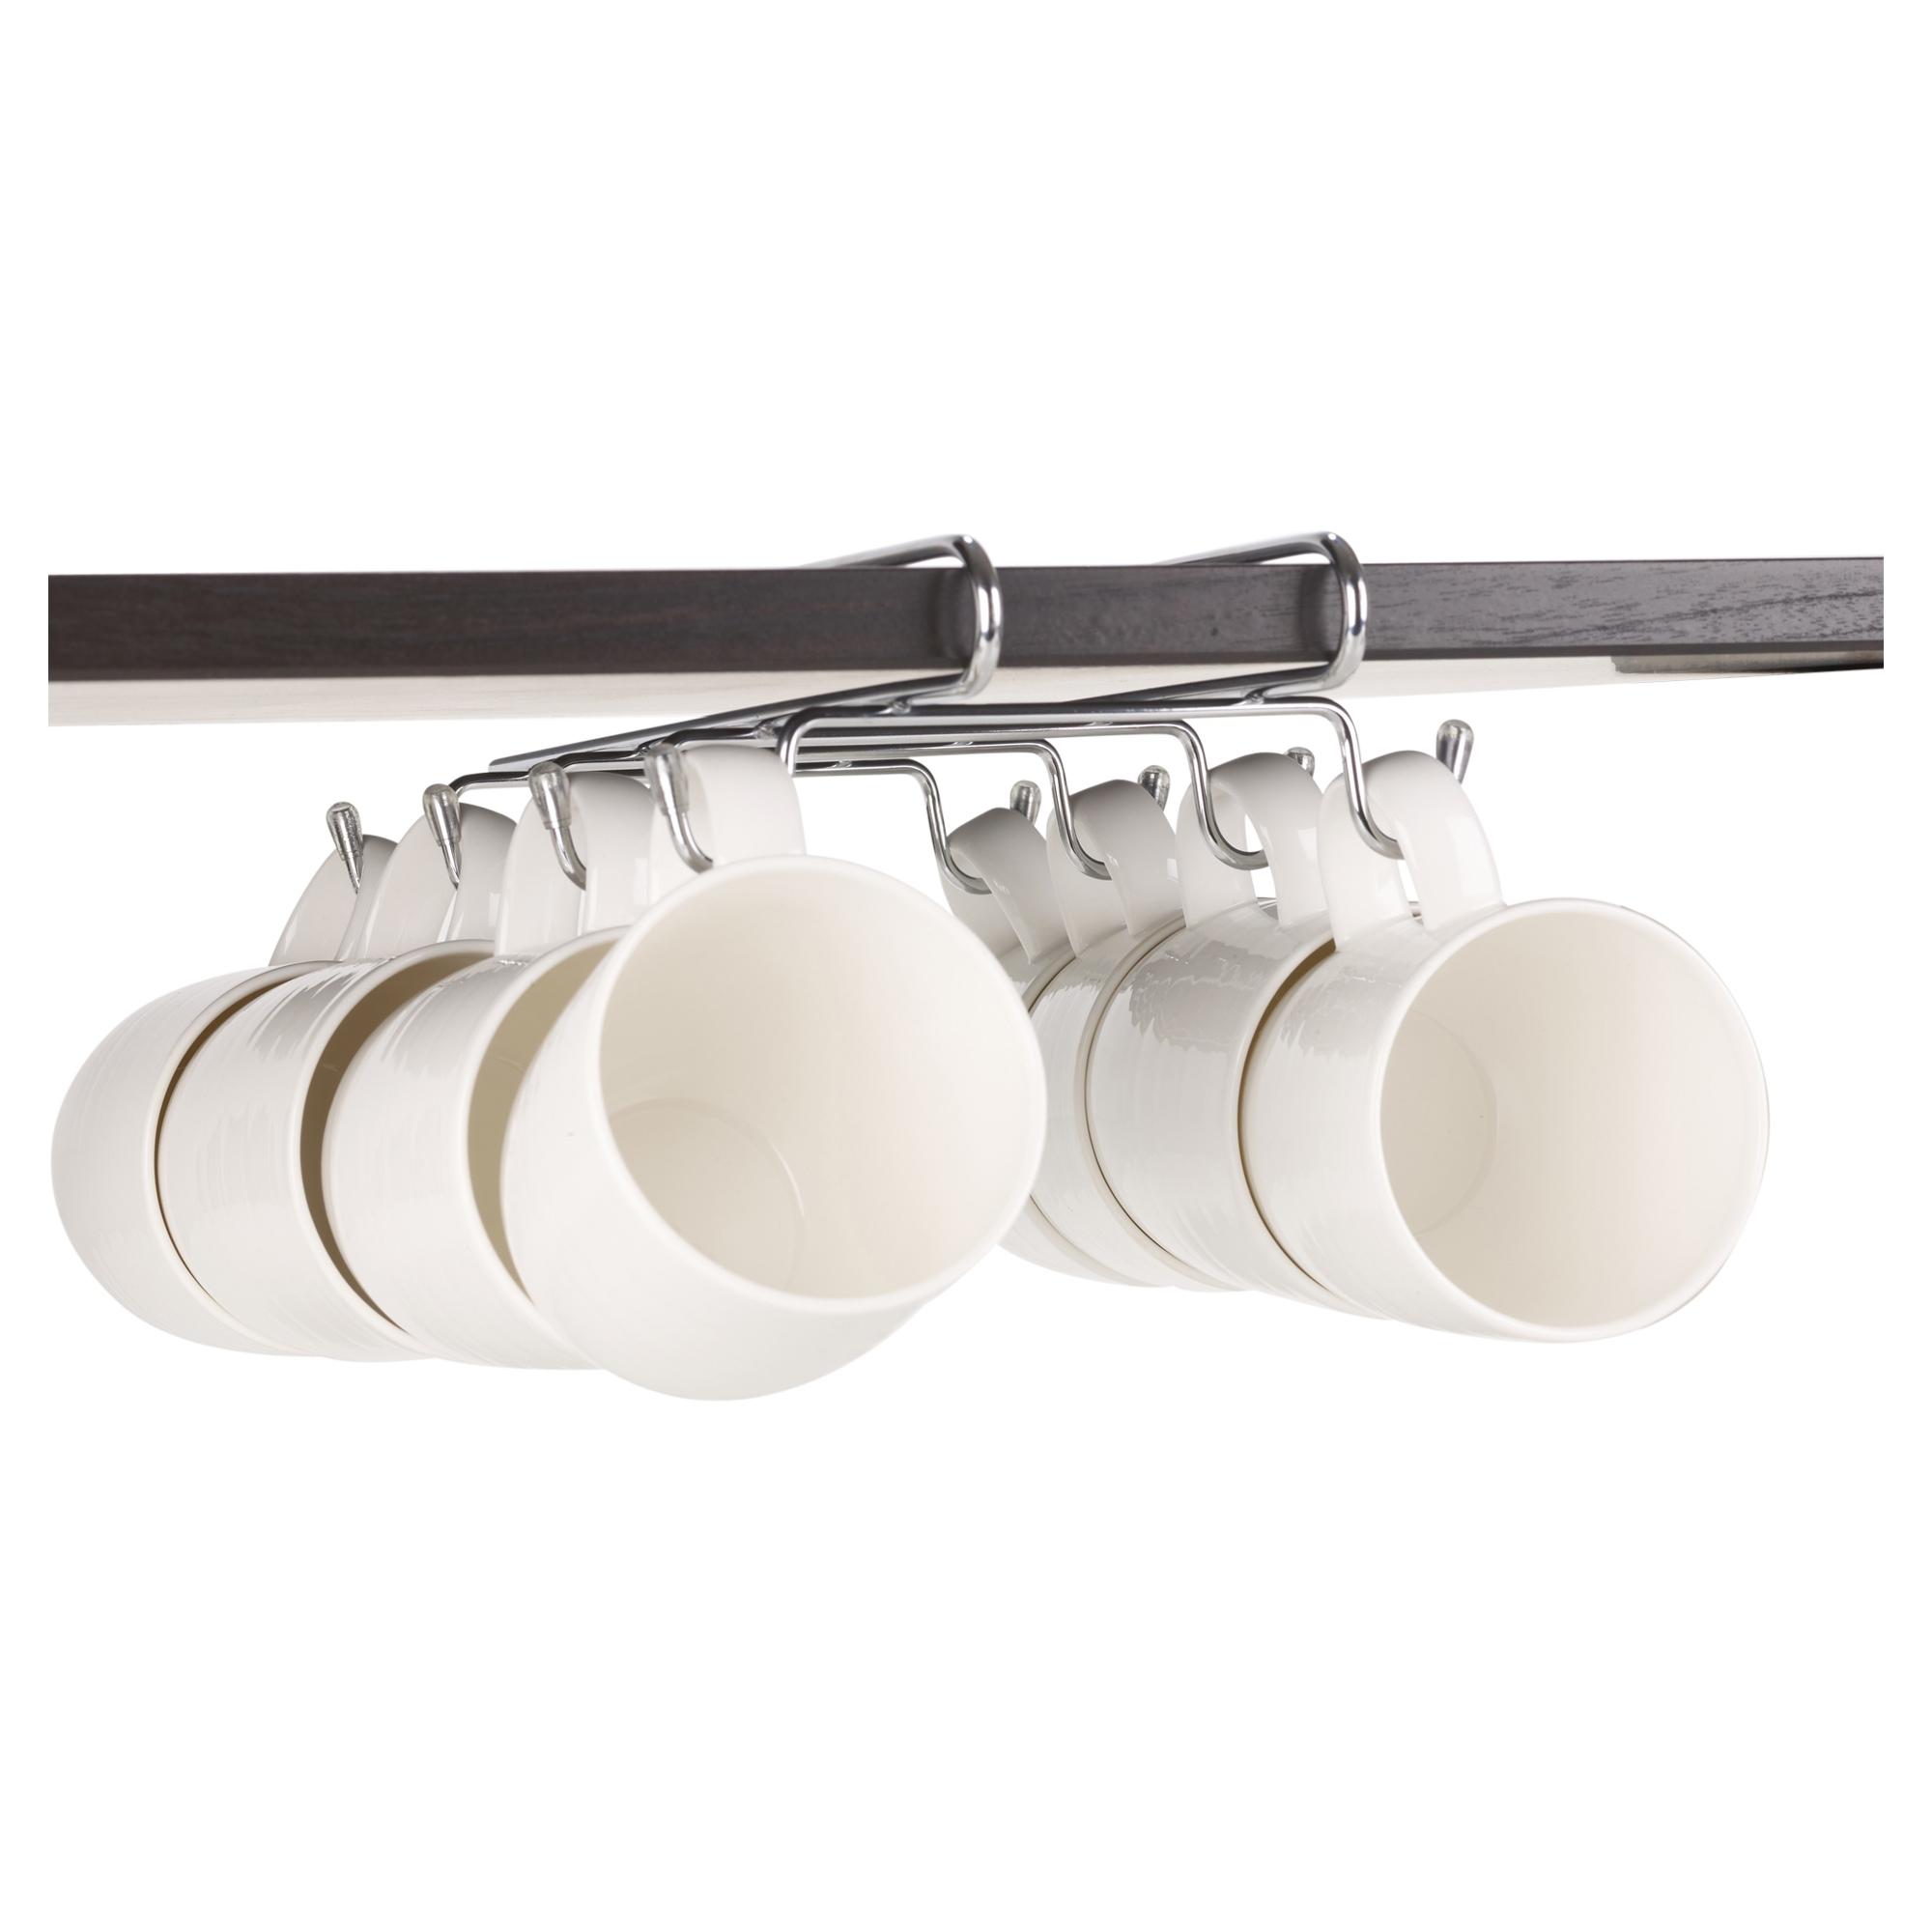 8 hook silver chrome mug rack cup holder under shelf cabinet organiser storage ebay. Black Bedroom Furniture Sets. Home Design Ideas